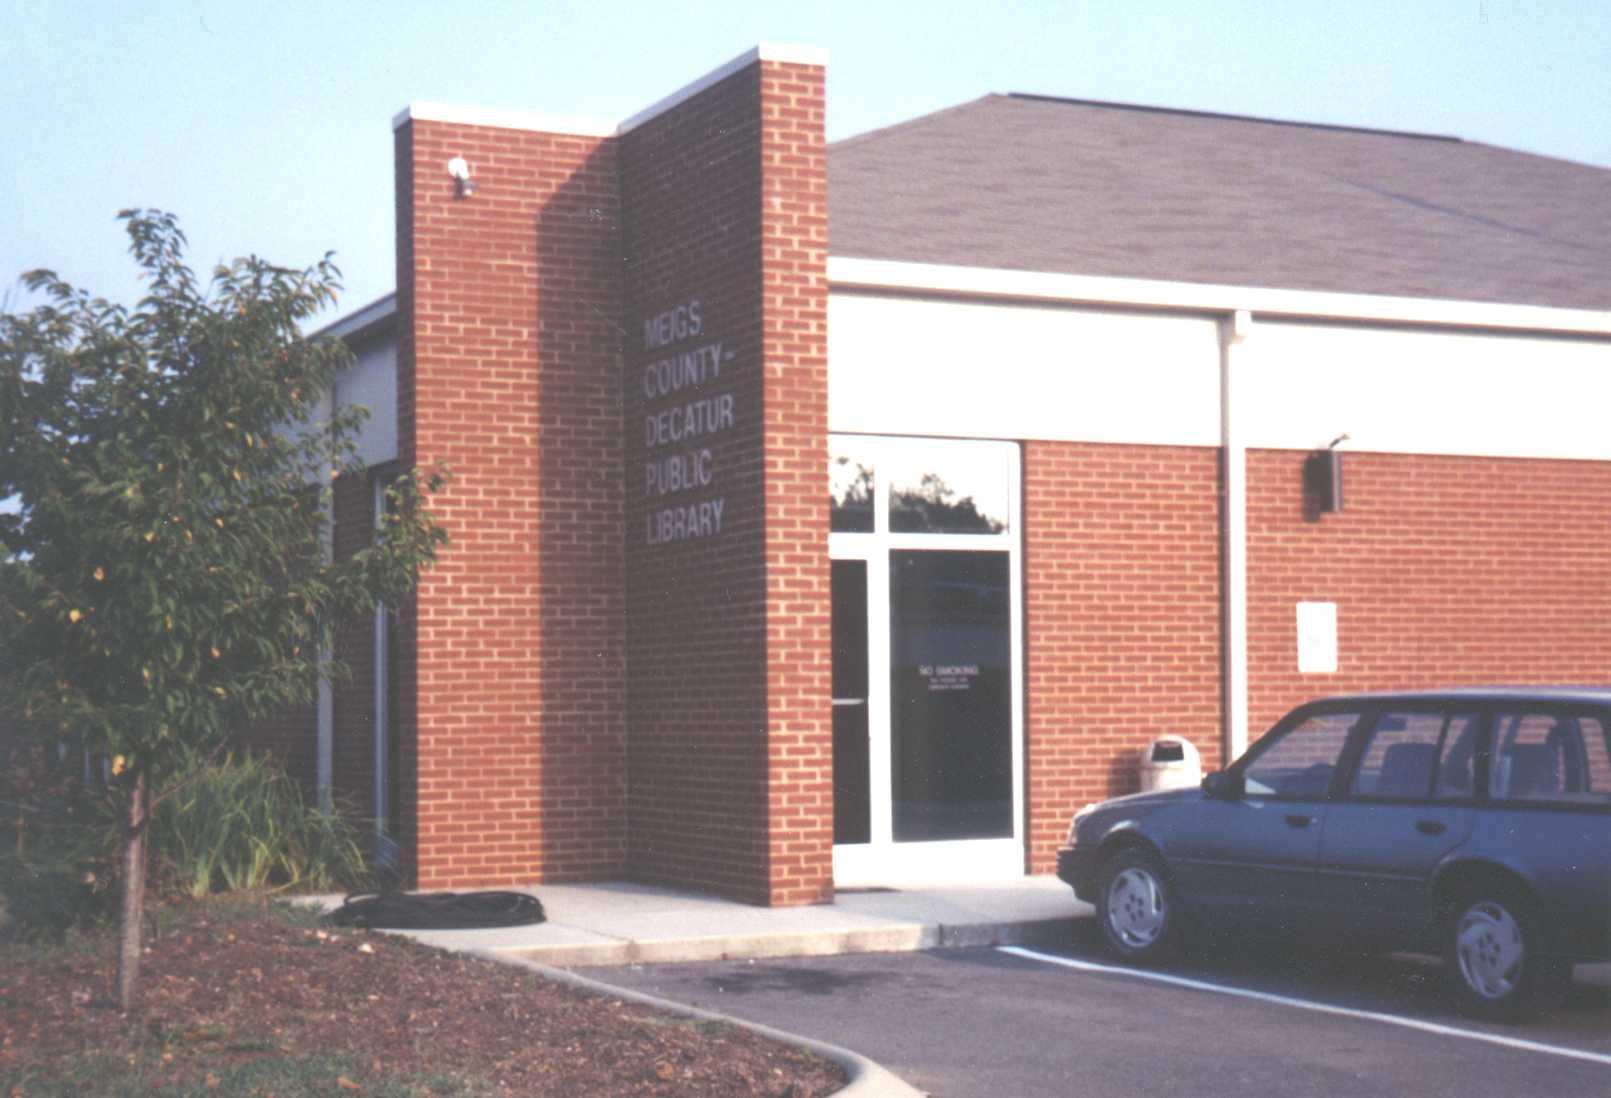 Meigs - Decatur Public Library